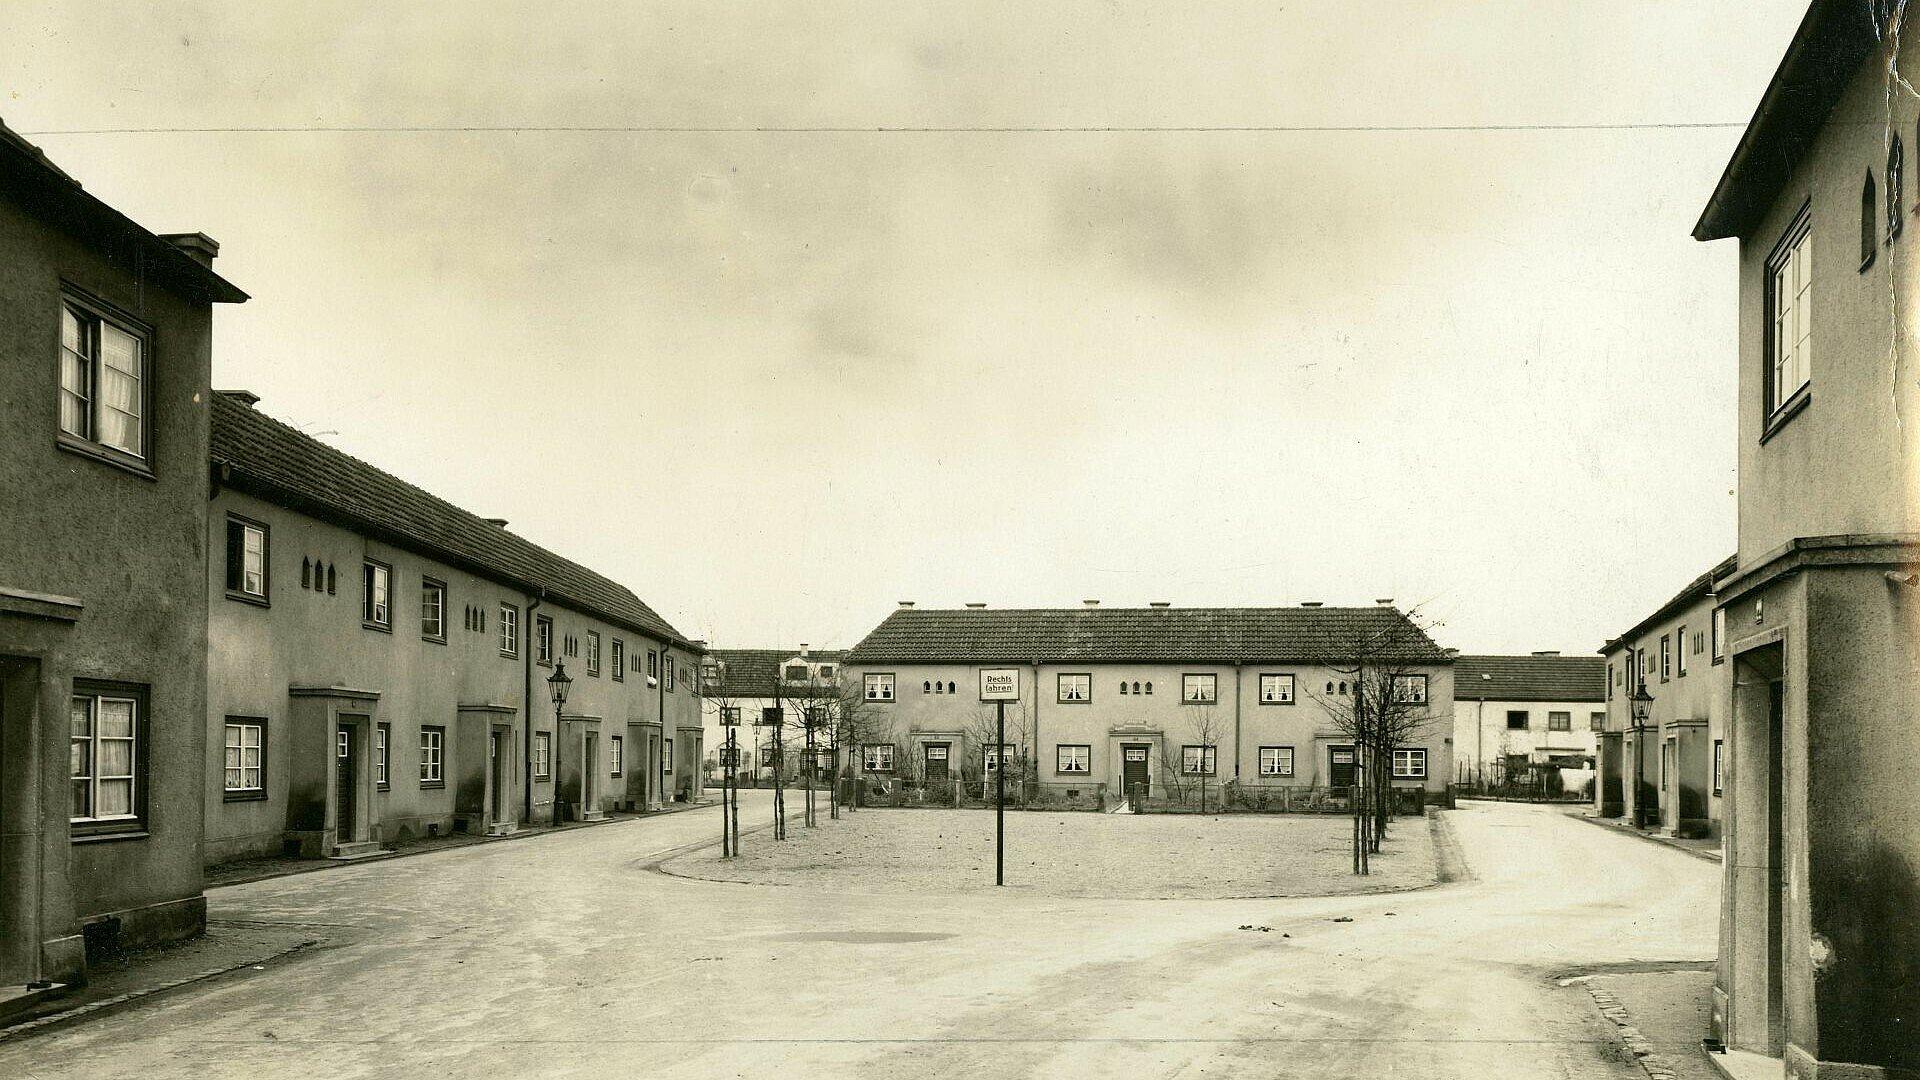 Historisches Foto von dem neuen Zuhause vieler Kölner in Mauenheim